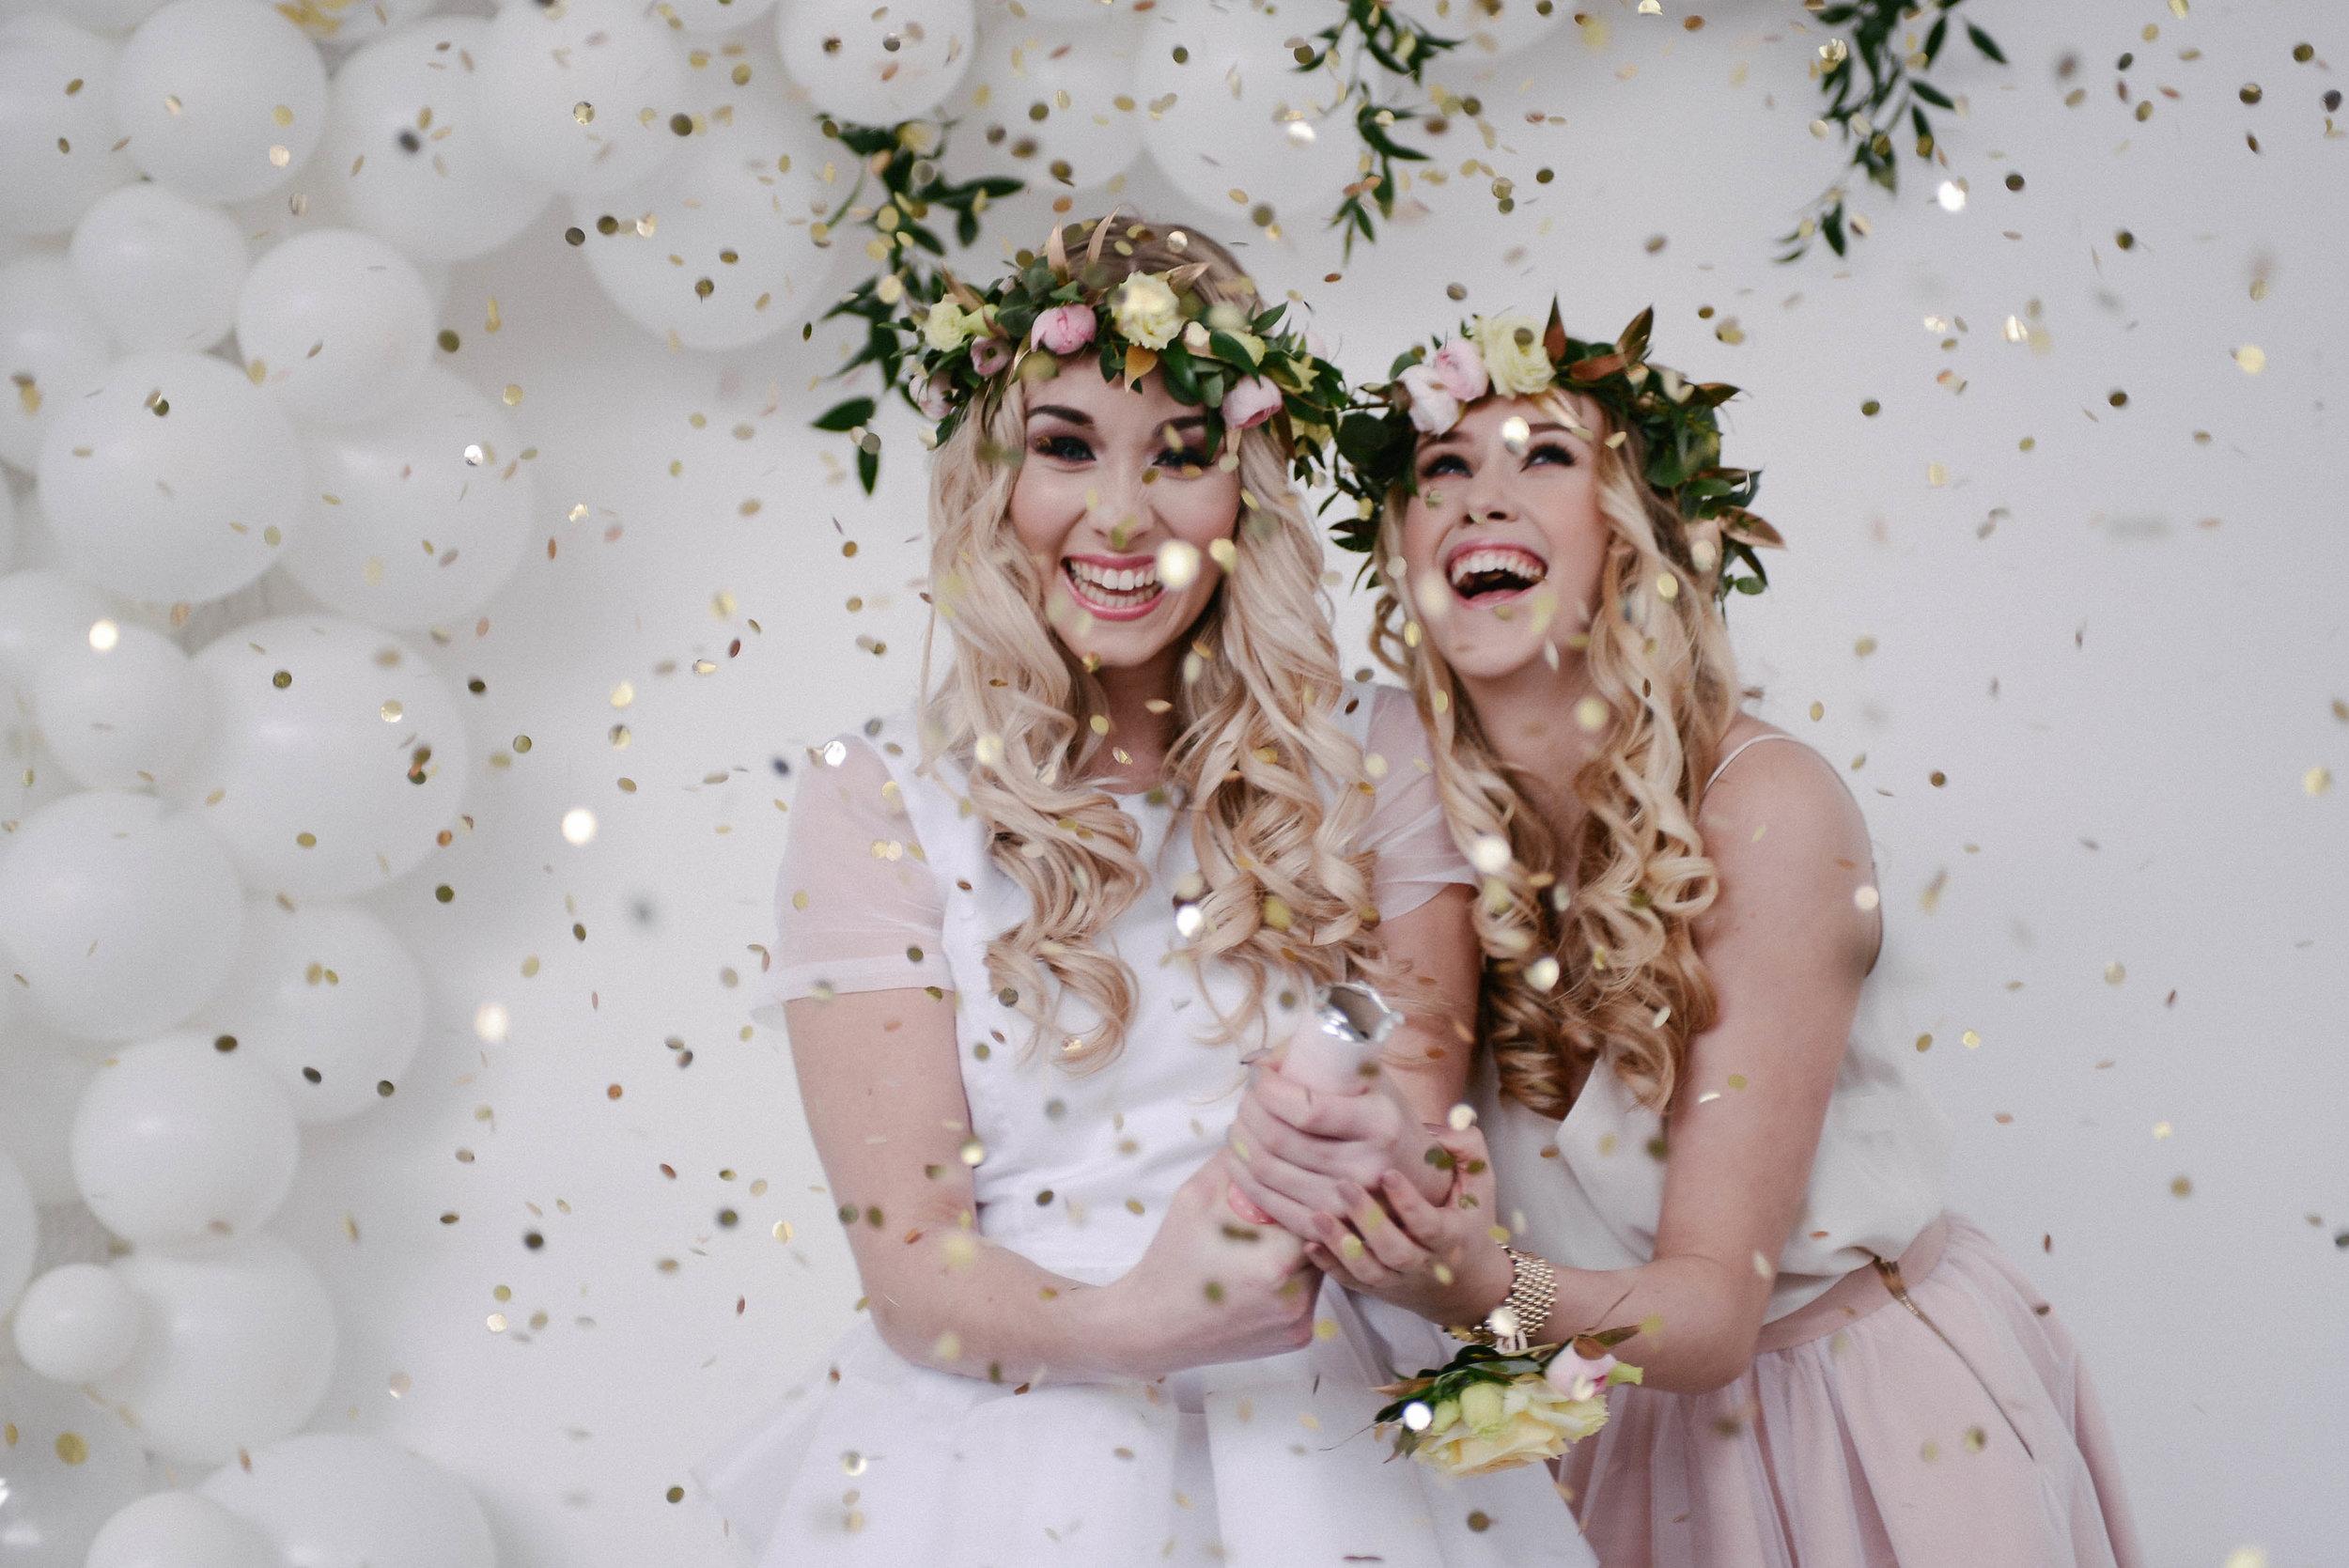 Candy Bride - Bespoke Bride